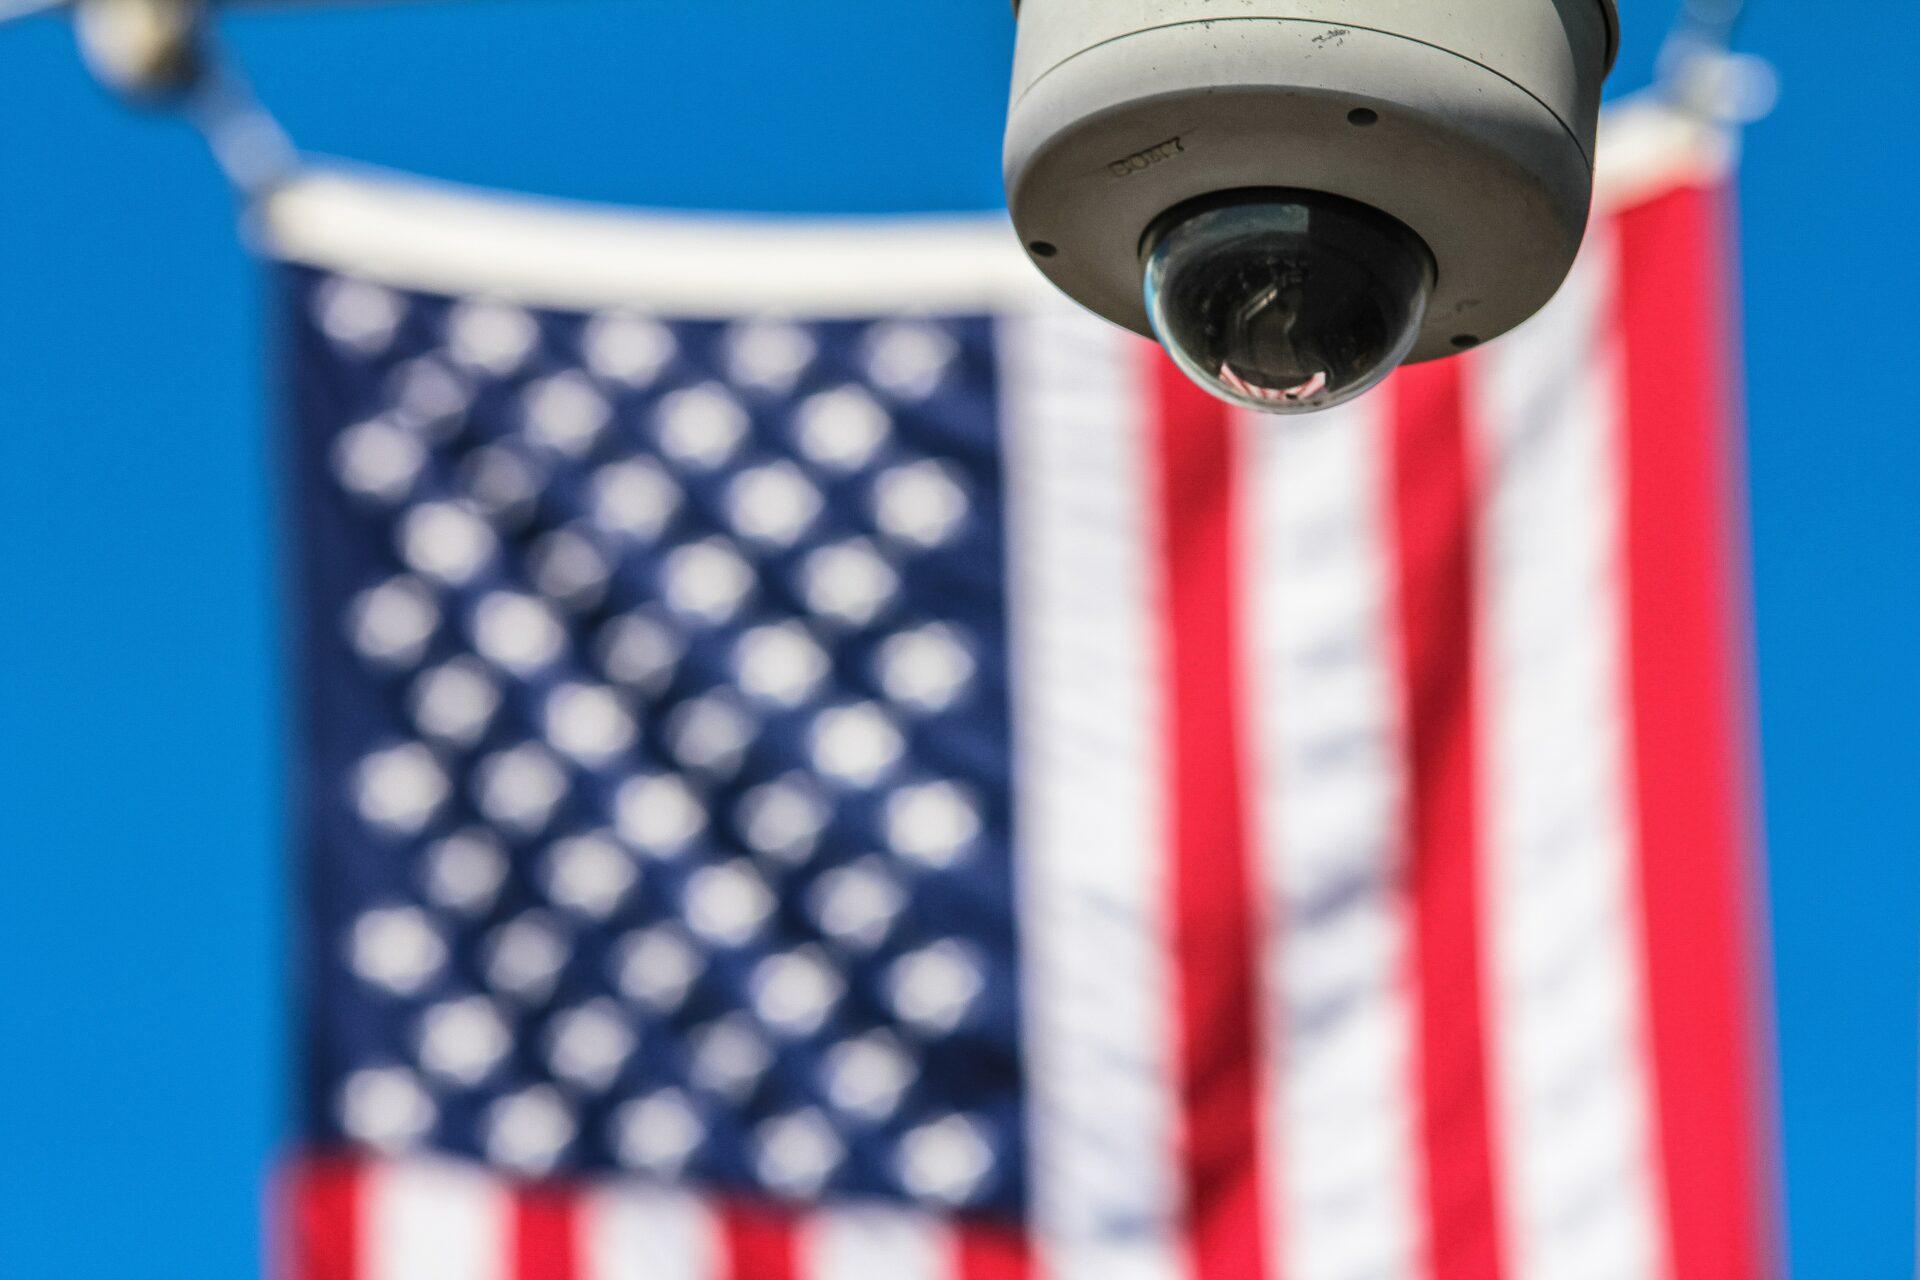 flag-usa-controls-security-camera-97509